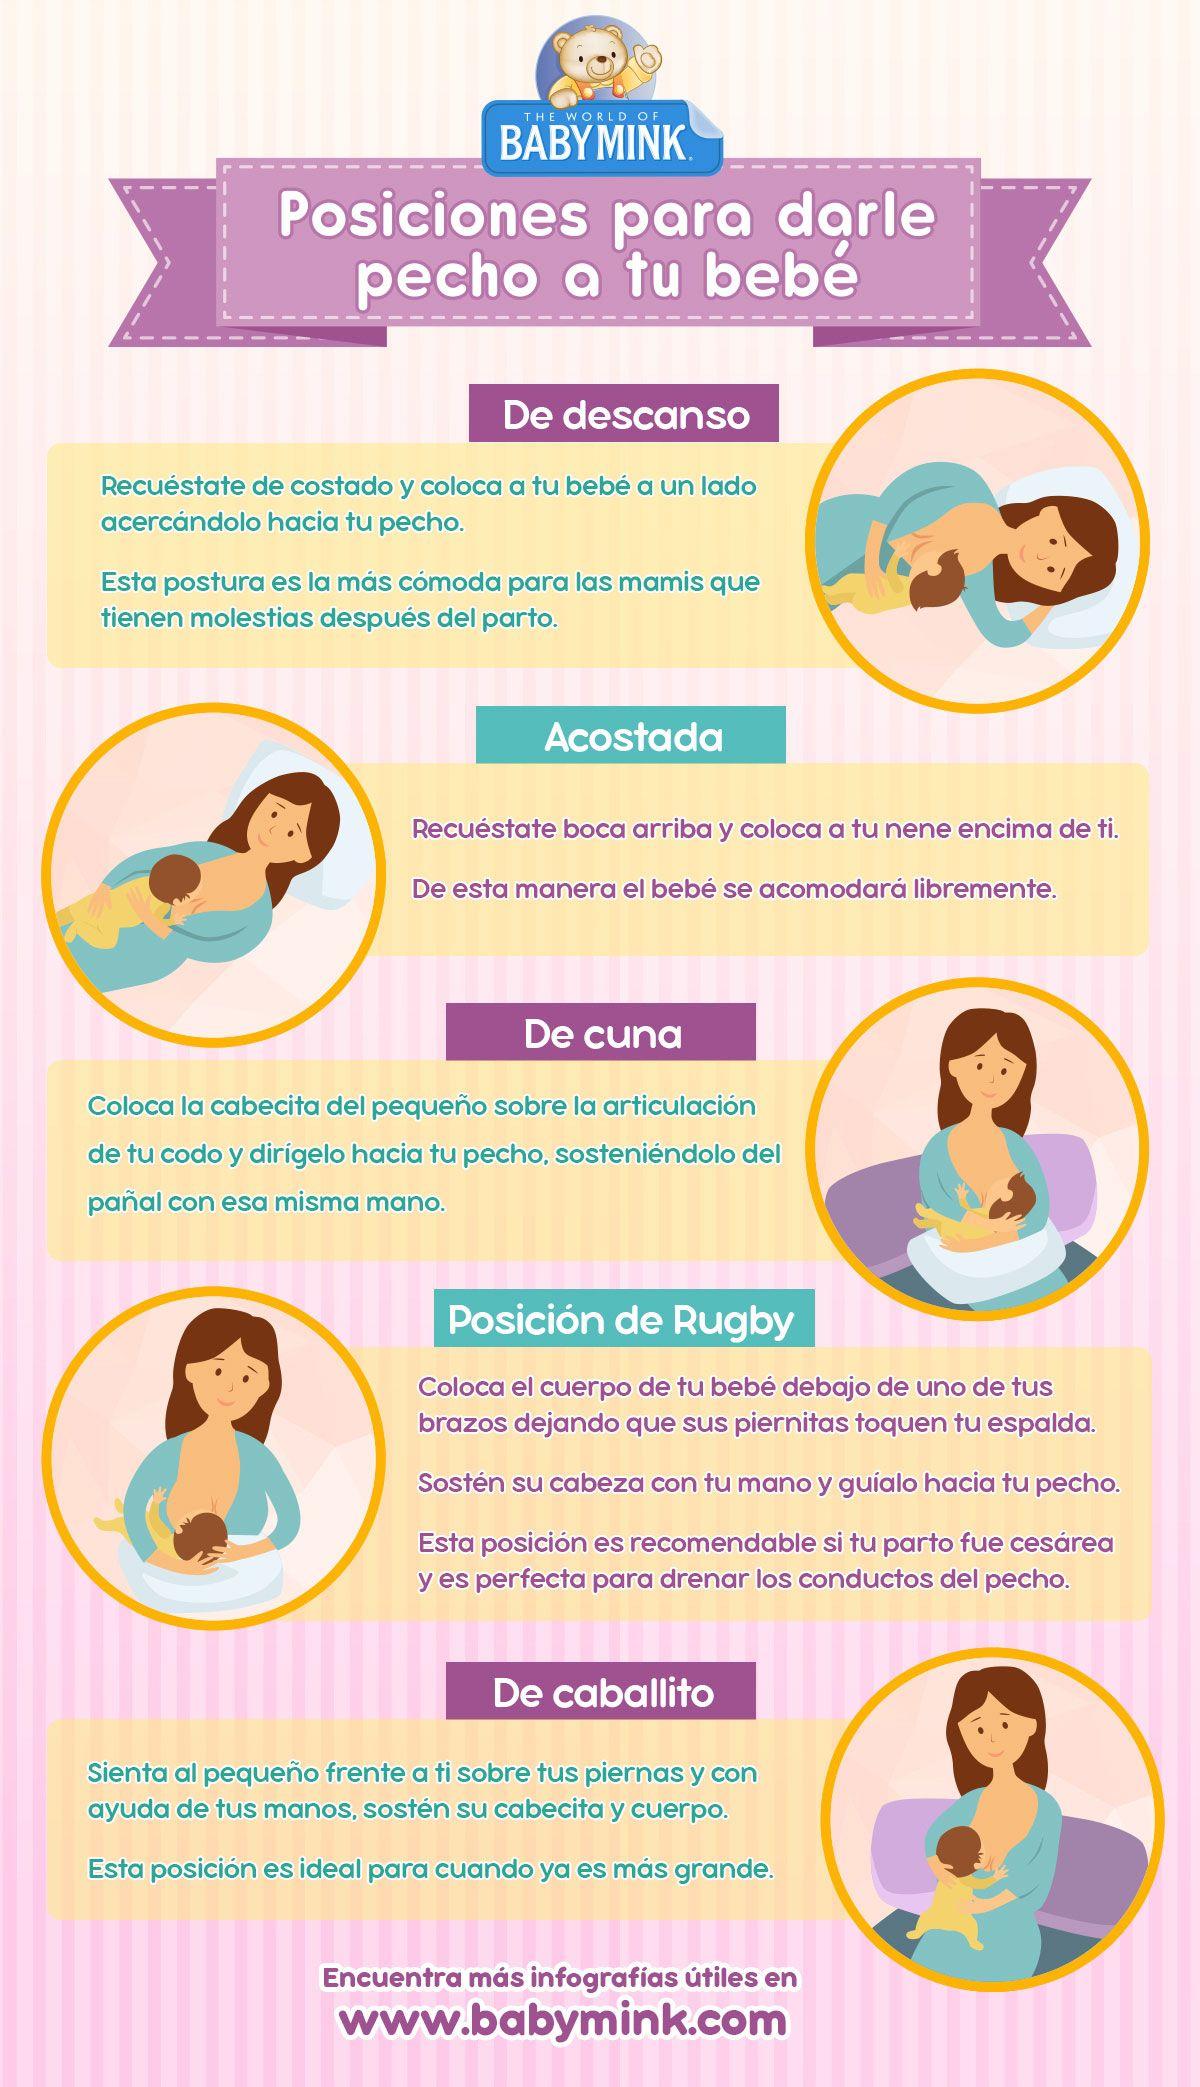 bdc96b758 8 Recomendaciones claves para padres primerizos - Children s Spaces ...